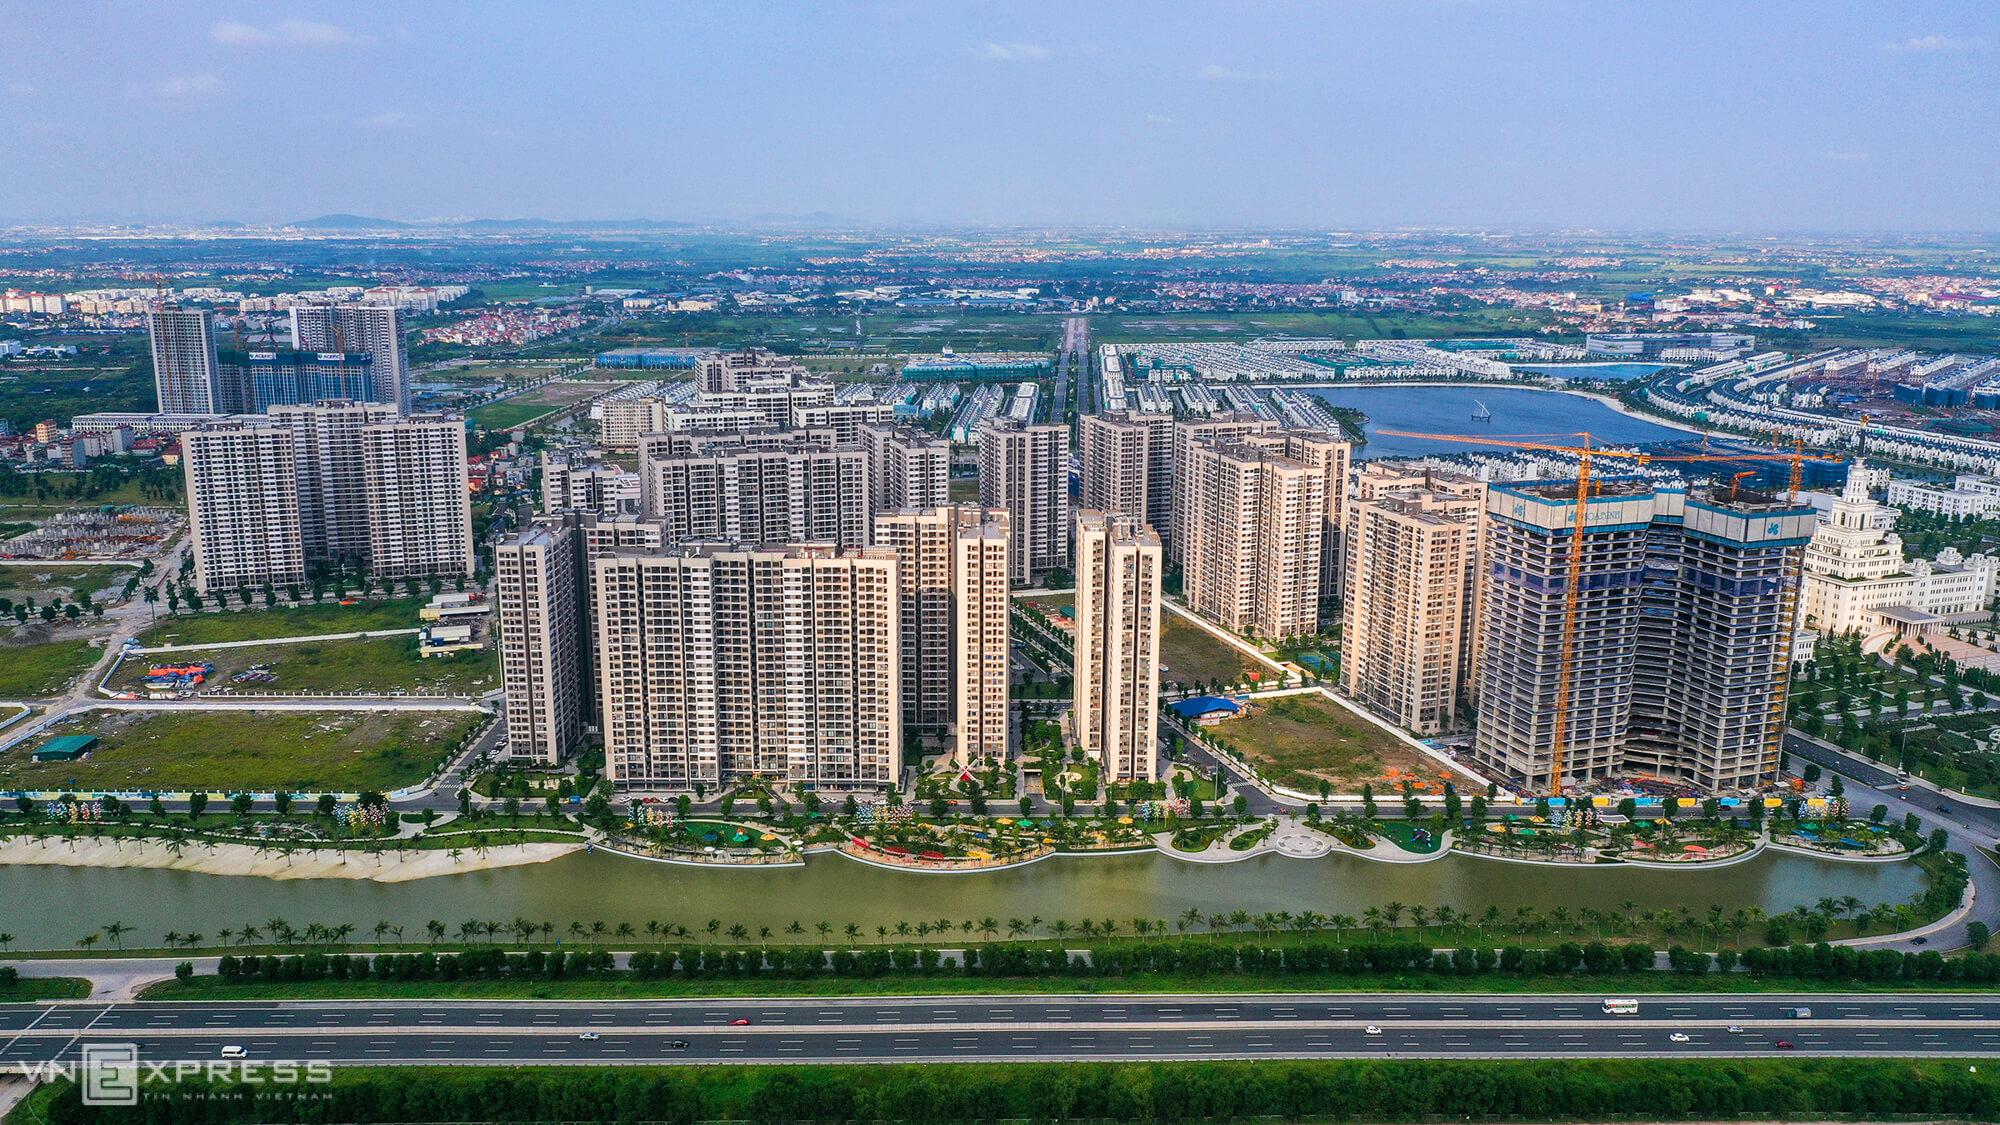 Một góc huyện Gia Lâm nhìn từ cao tốc Hà Nội - Hải Phòng với sự xuất hiện của nhiều dự án chung cư. Ảnh: Giang Huy.